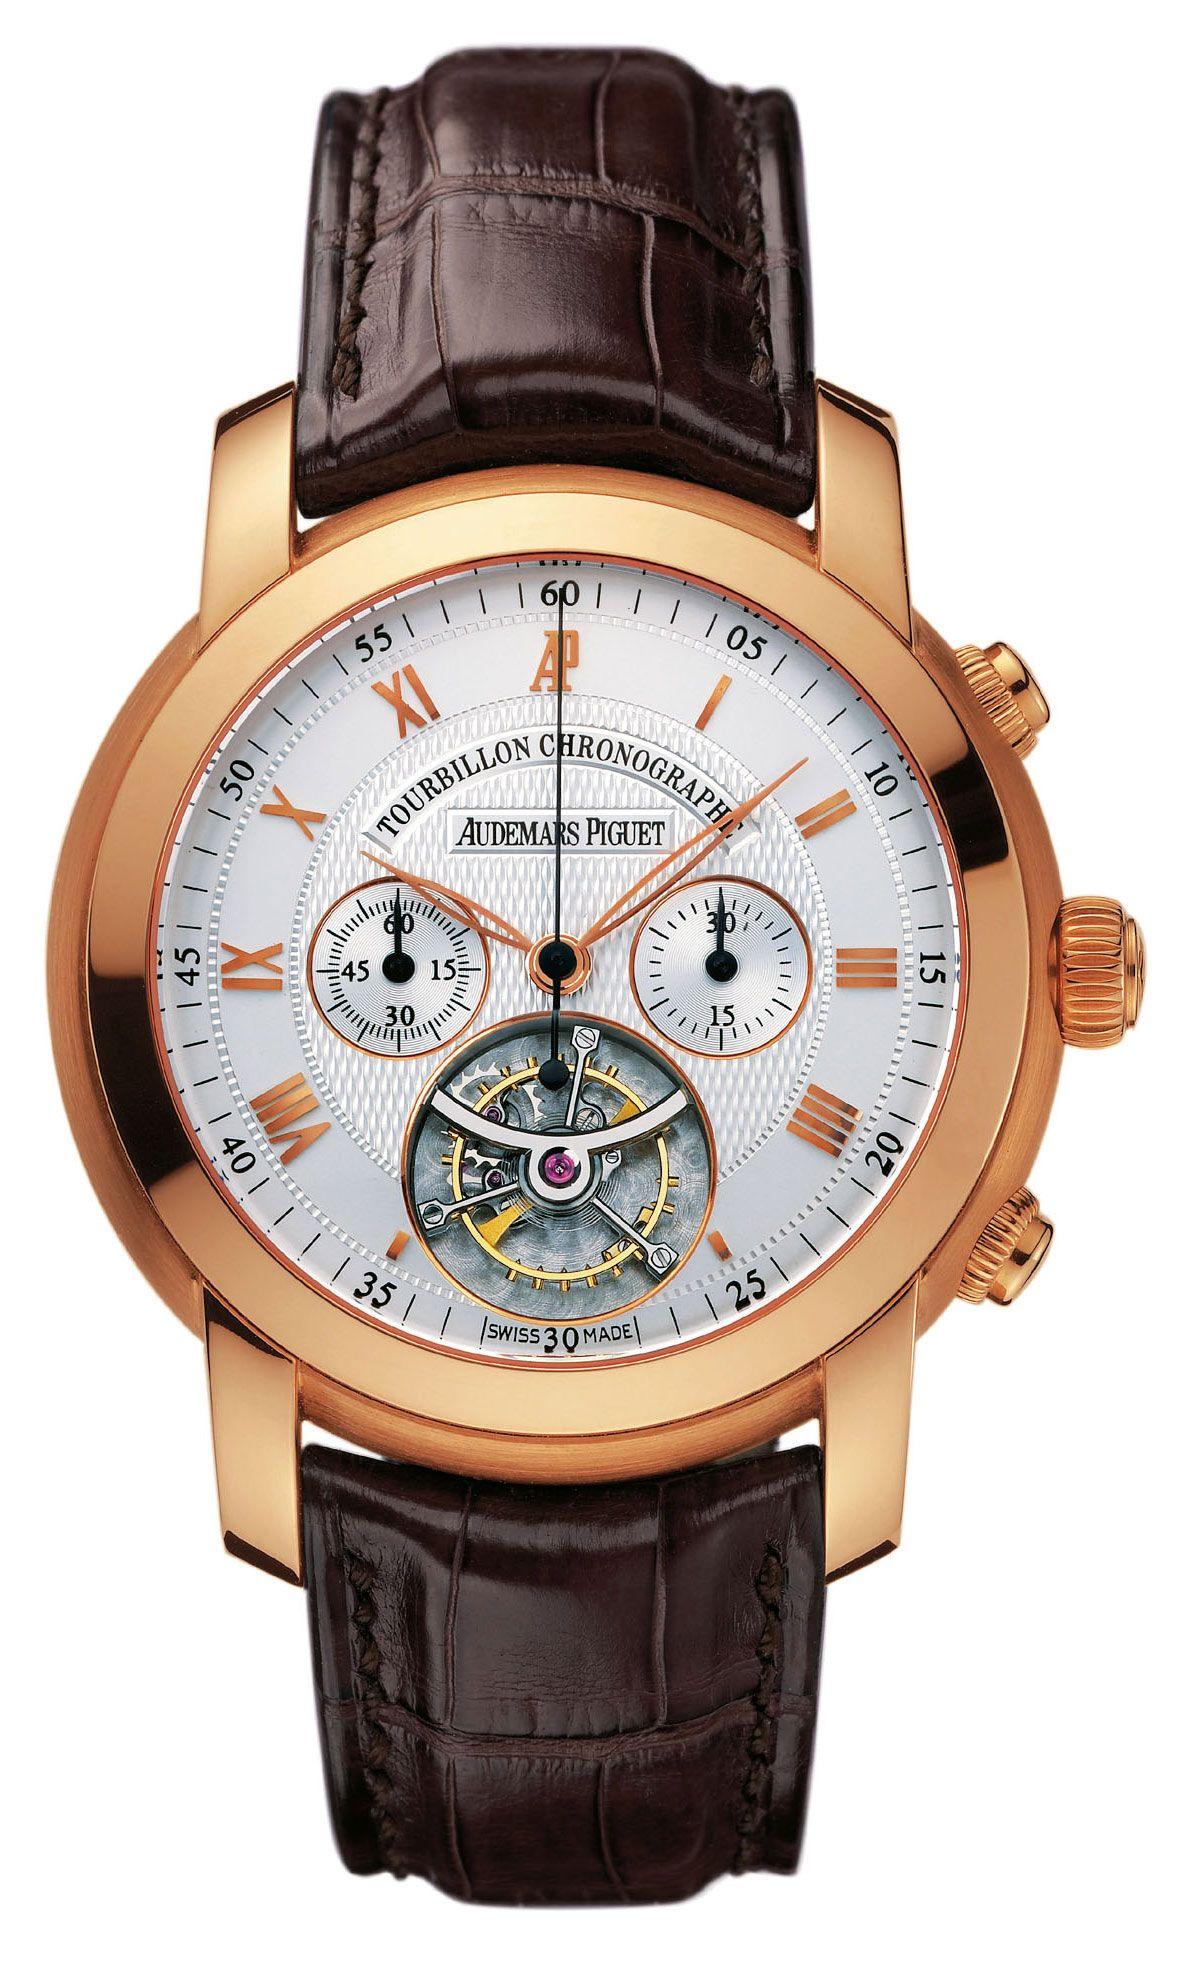 d4b2d21d216d Audemars Piguet Jules Audemars Tourbillon Chronograph Mens Watch Model   26010OR.OO.D088CR.01